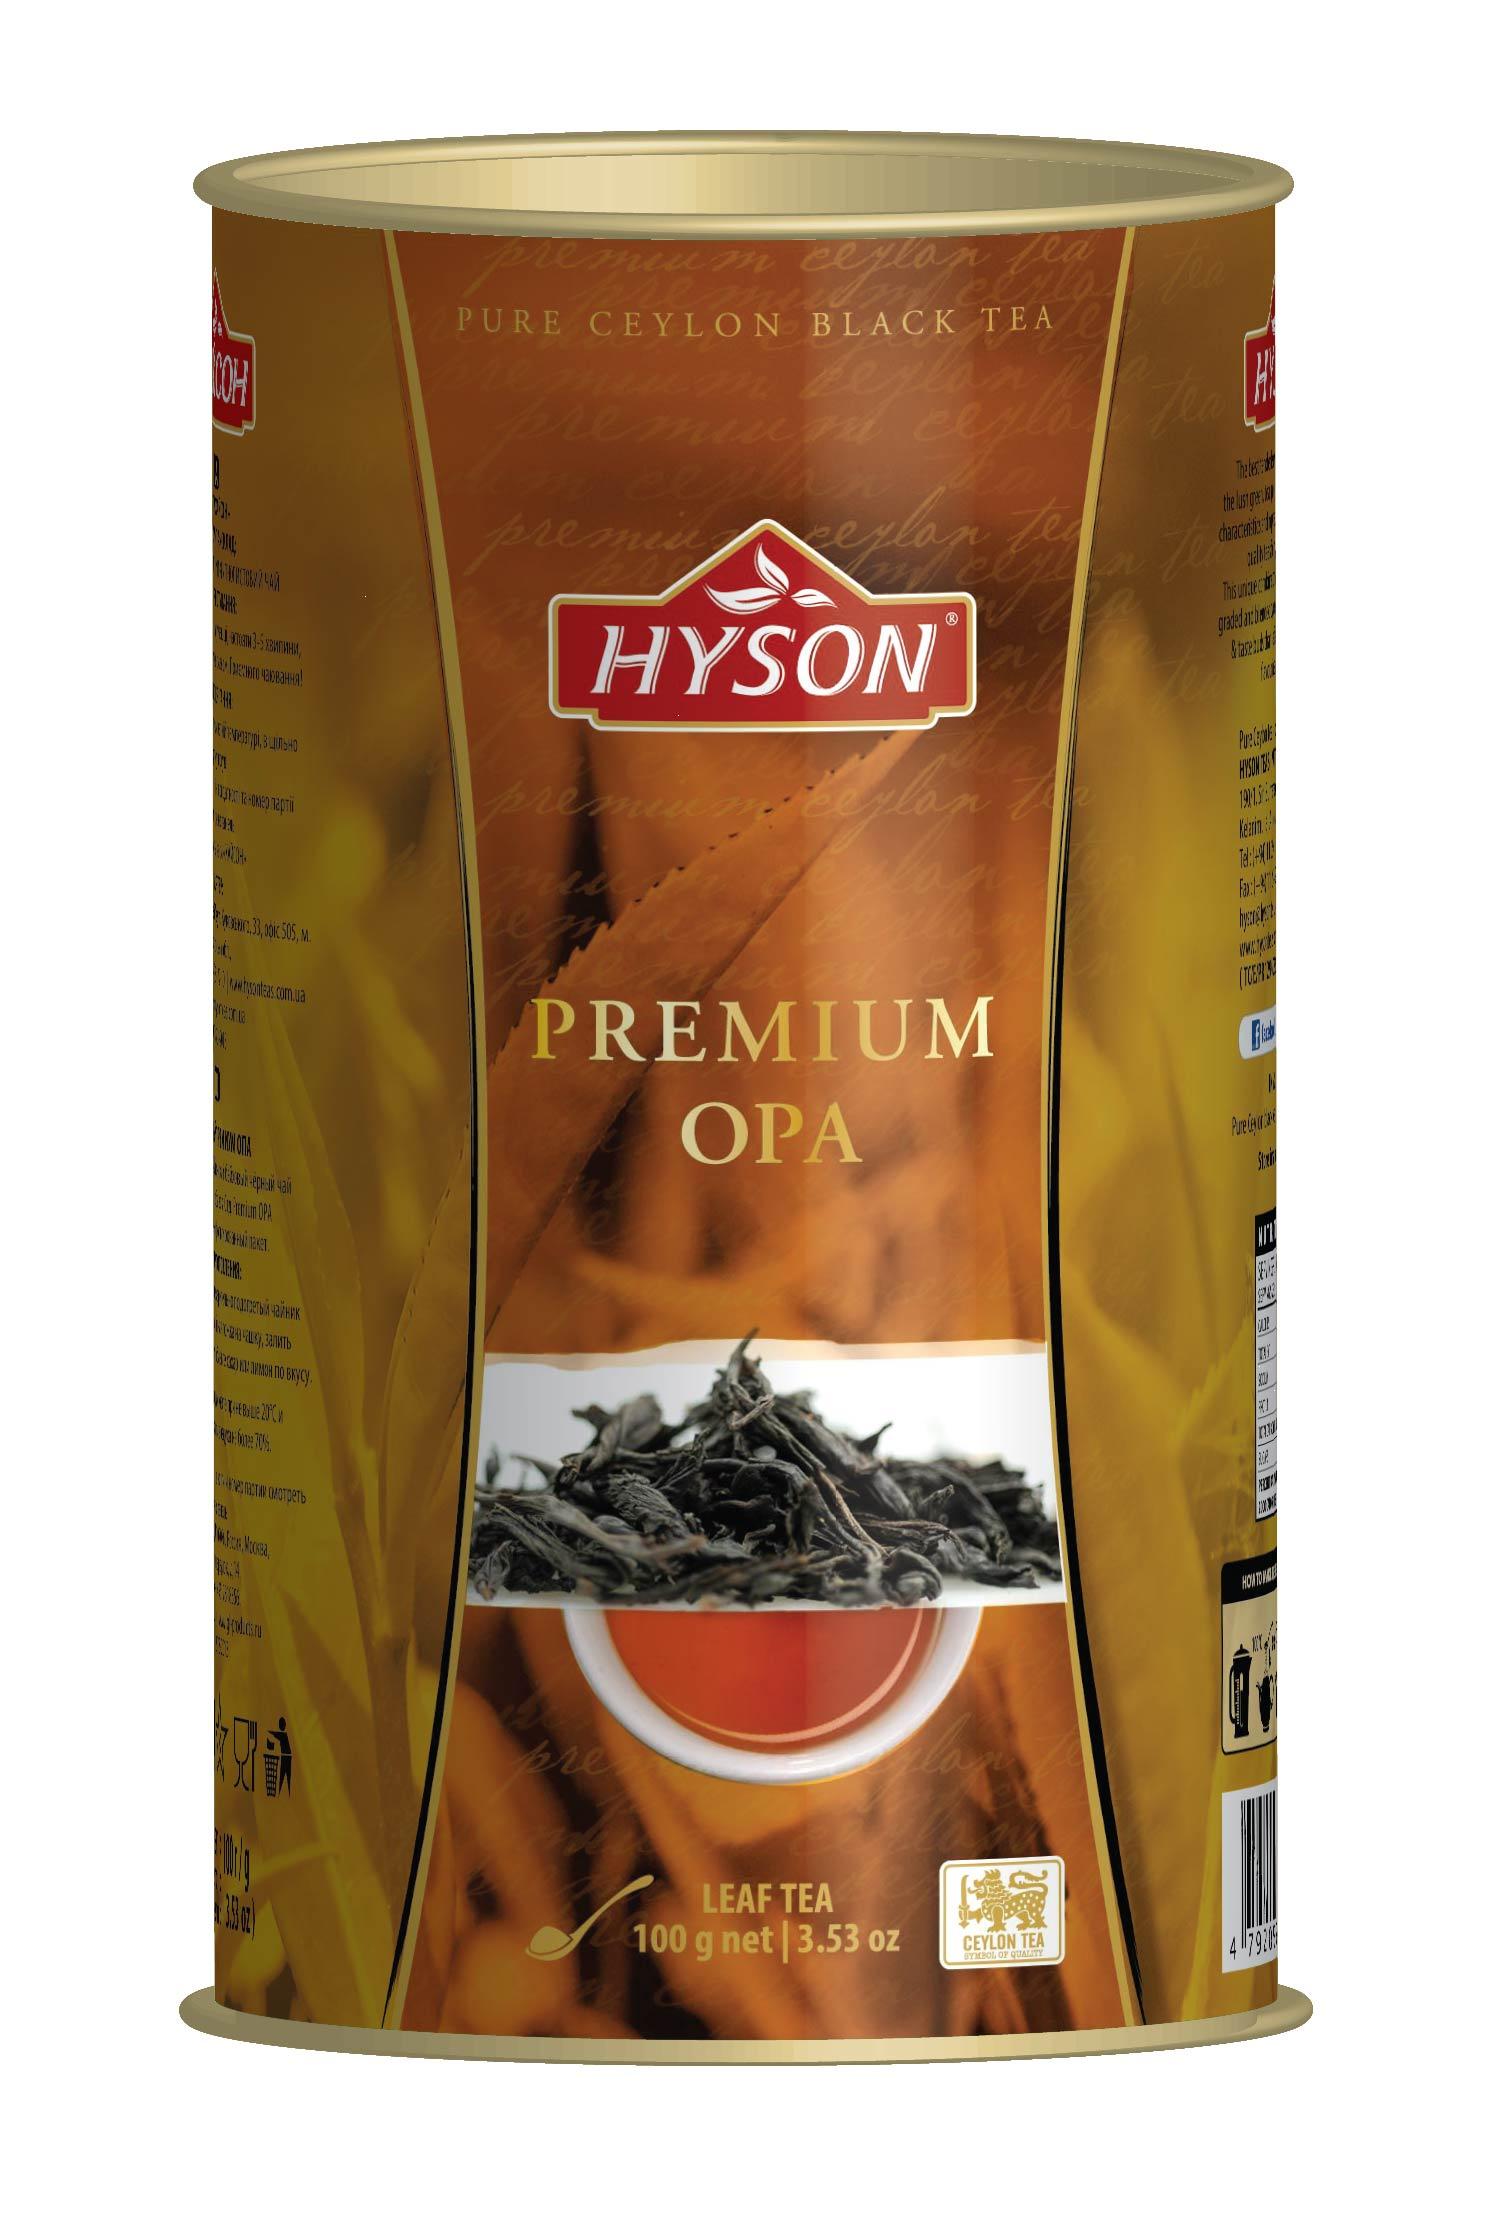 Чай Хайсон Черный Премиум ОПА (Supreme OPA) 100 г x 24 чай черный байховый бонтон крепкий цейлонский крупнолистовой 726 с ароматом бергамота 100 г